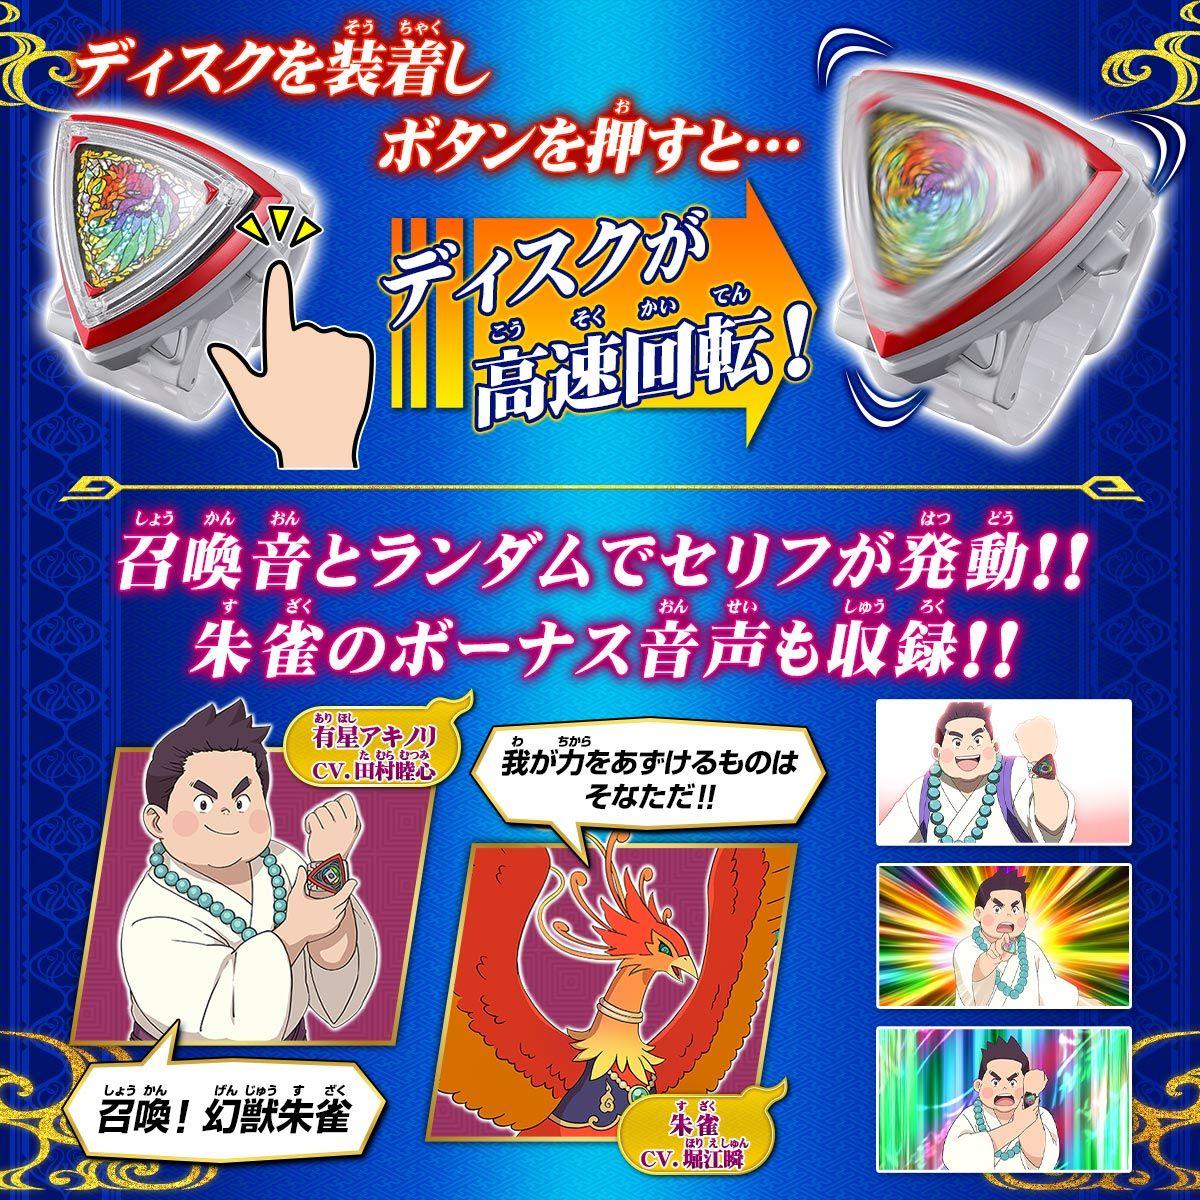 【限定販売】妖怪ウォッチ シャドウサイド『DX妖怪ウォッチアニマス』変身なりきり-003